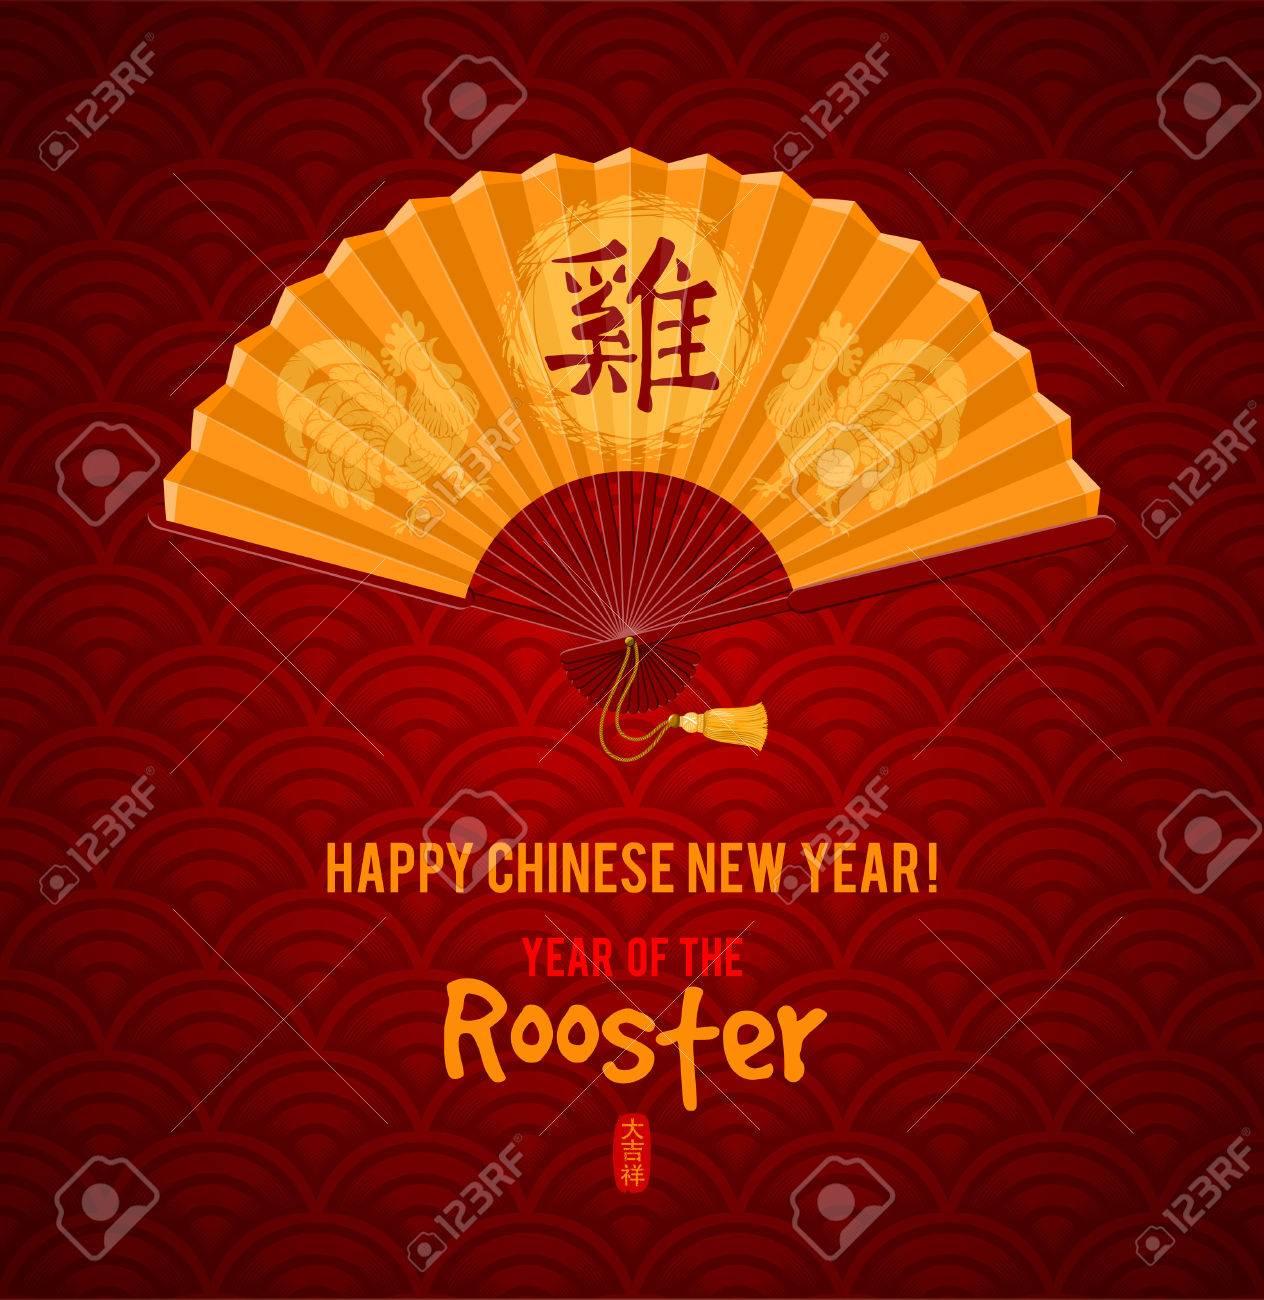 Chinese New Year Festlichen Vektor-Karte Design Mit Offener Fan ...